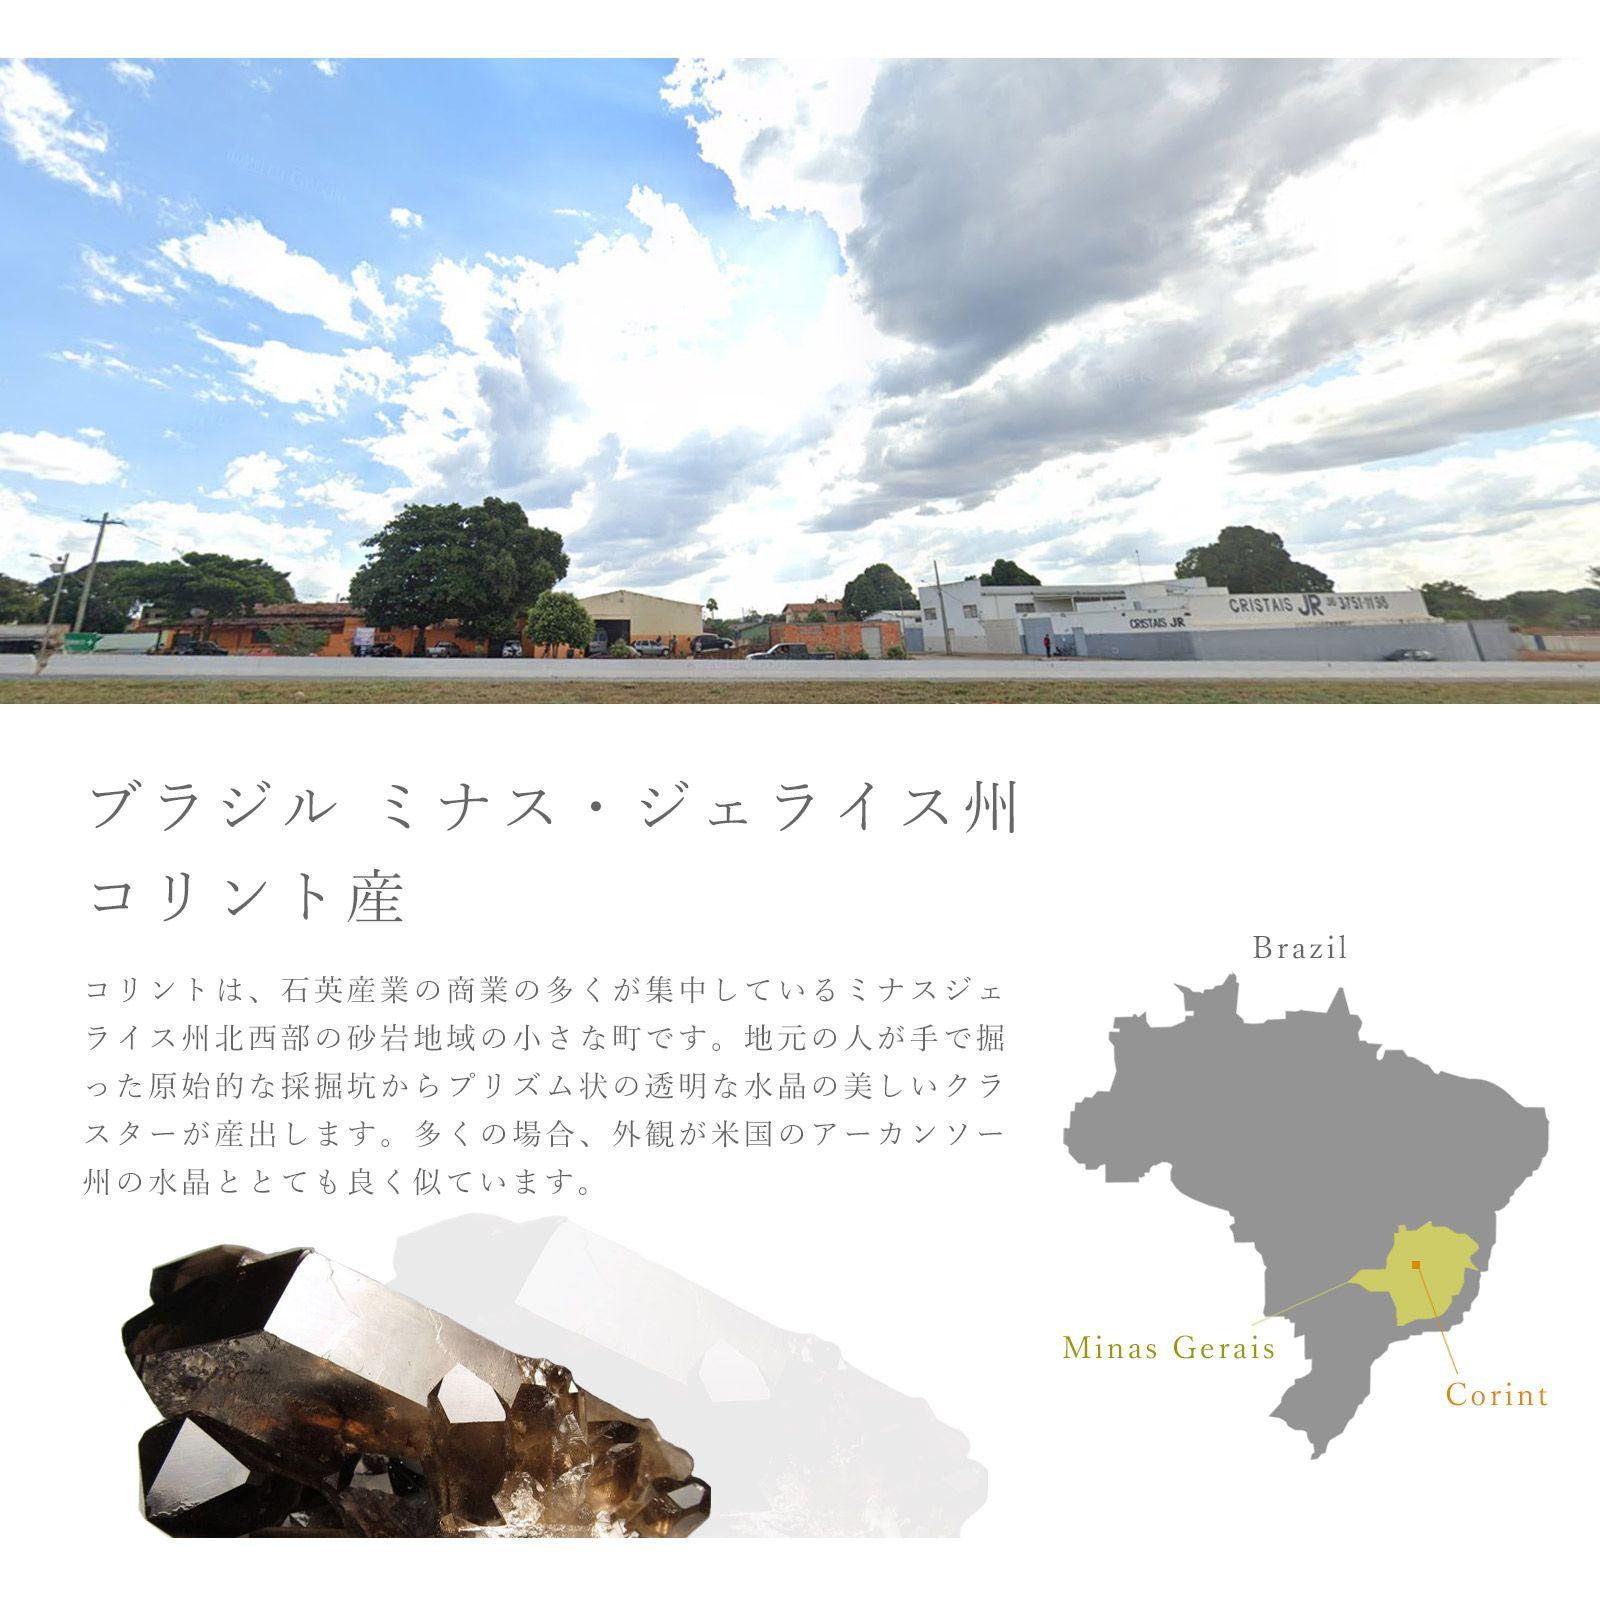 ブラジルコリント産黒水晶クラスター